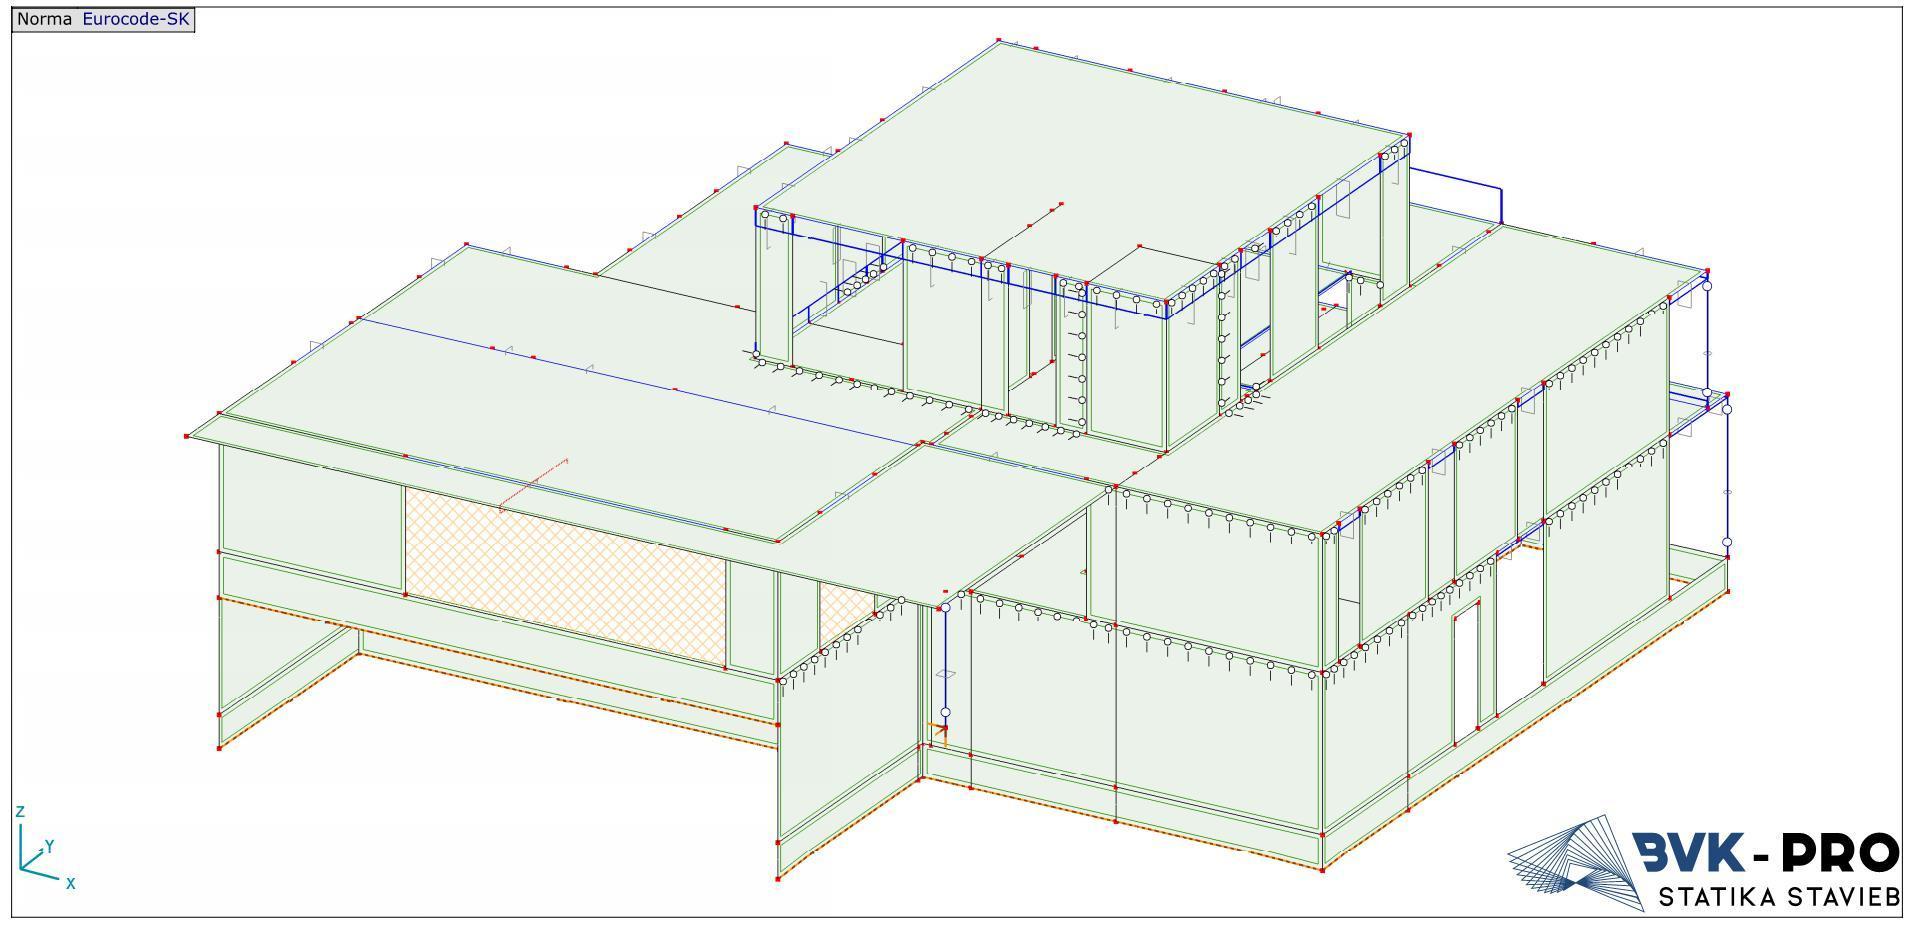 Rodinný Dom Kittsee Bvk Pro Page 005